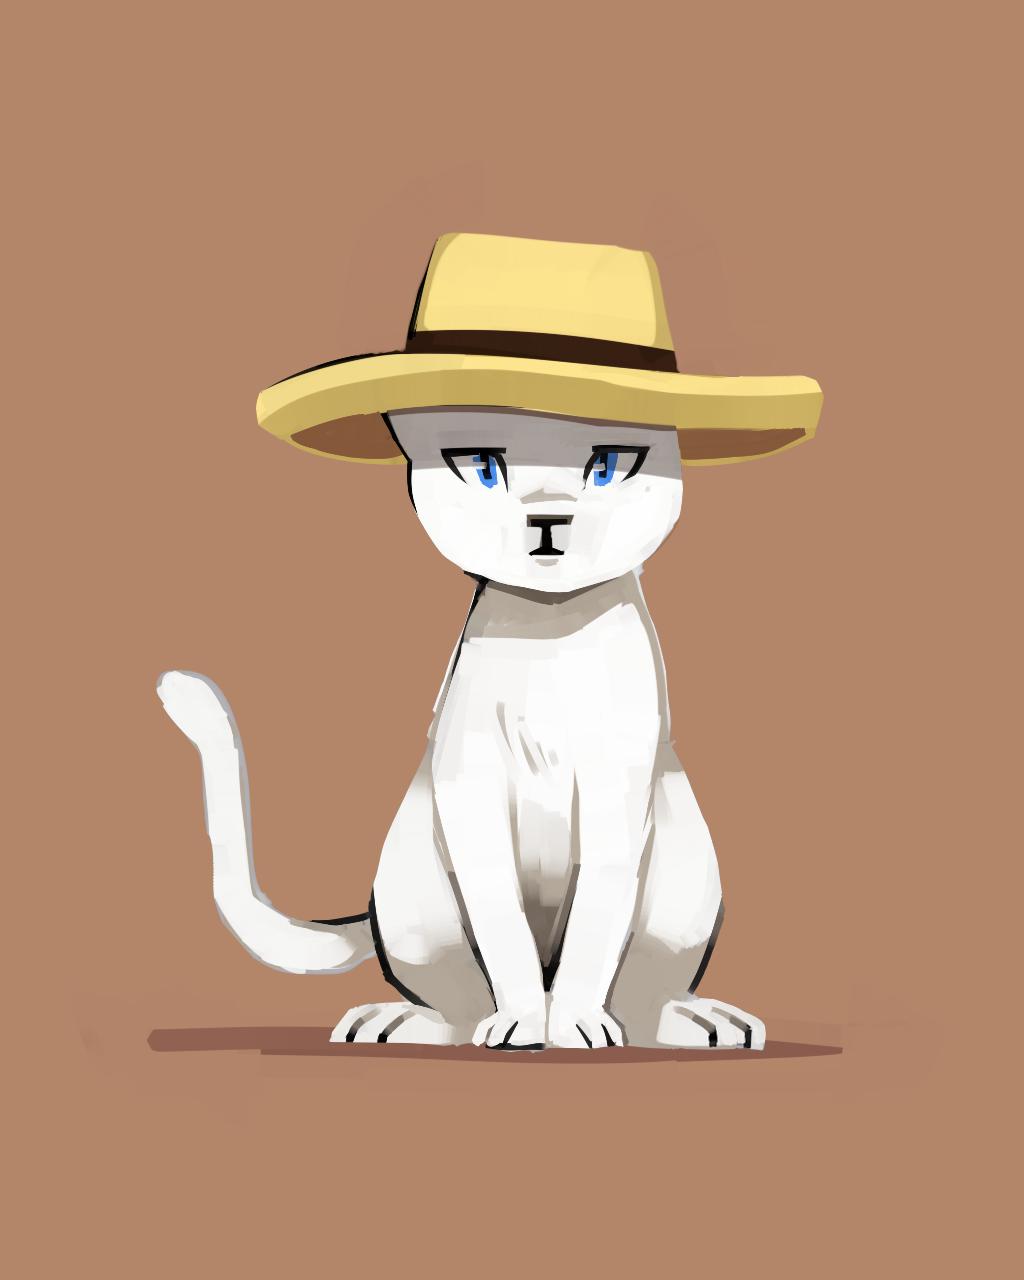 Cat in a hat by Karzahnii